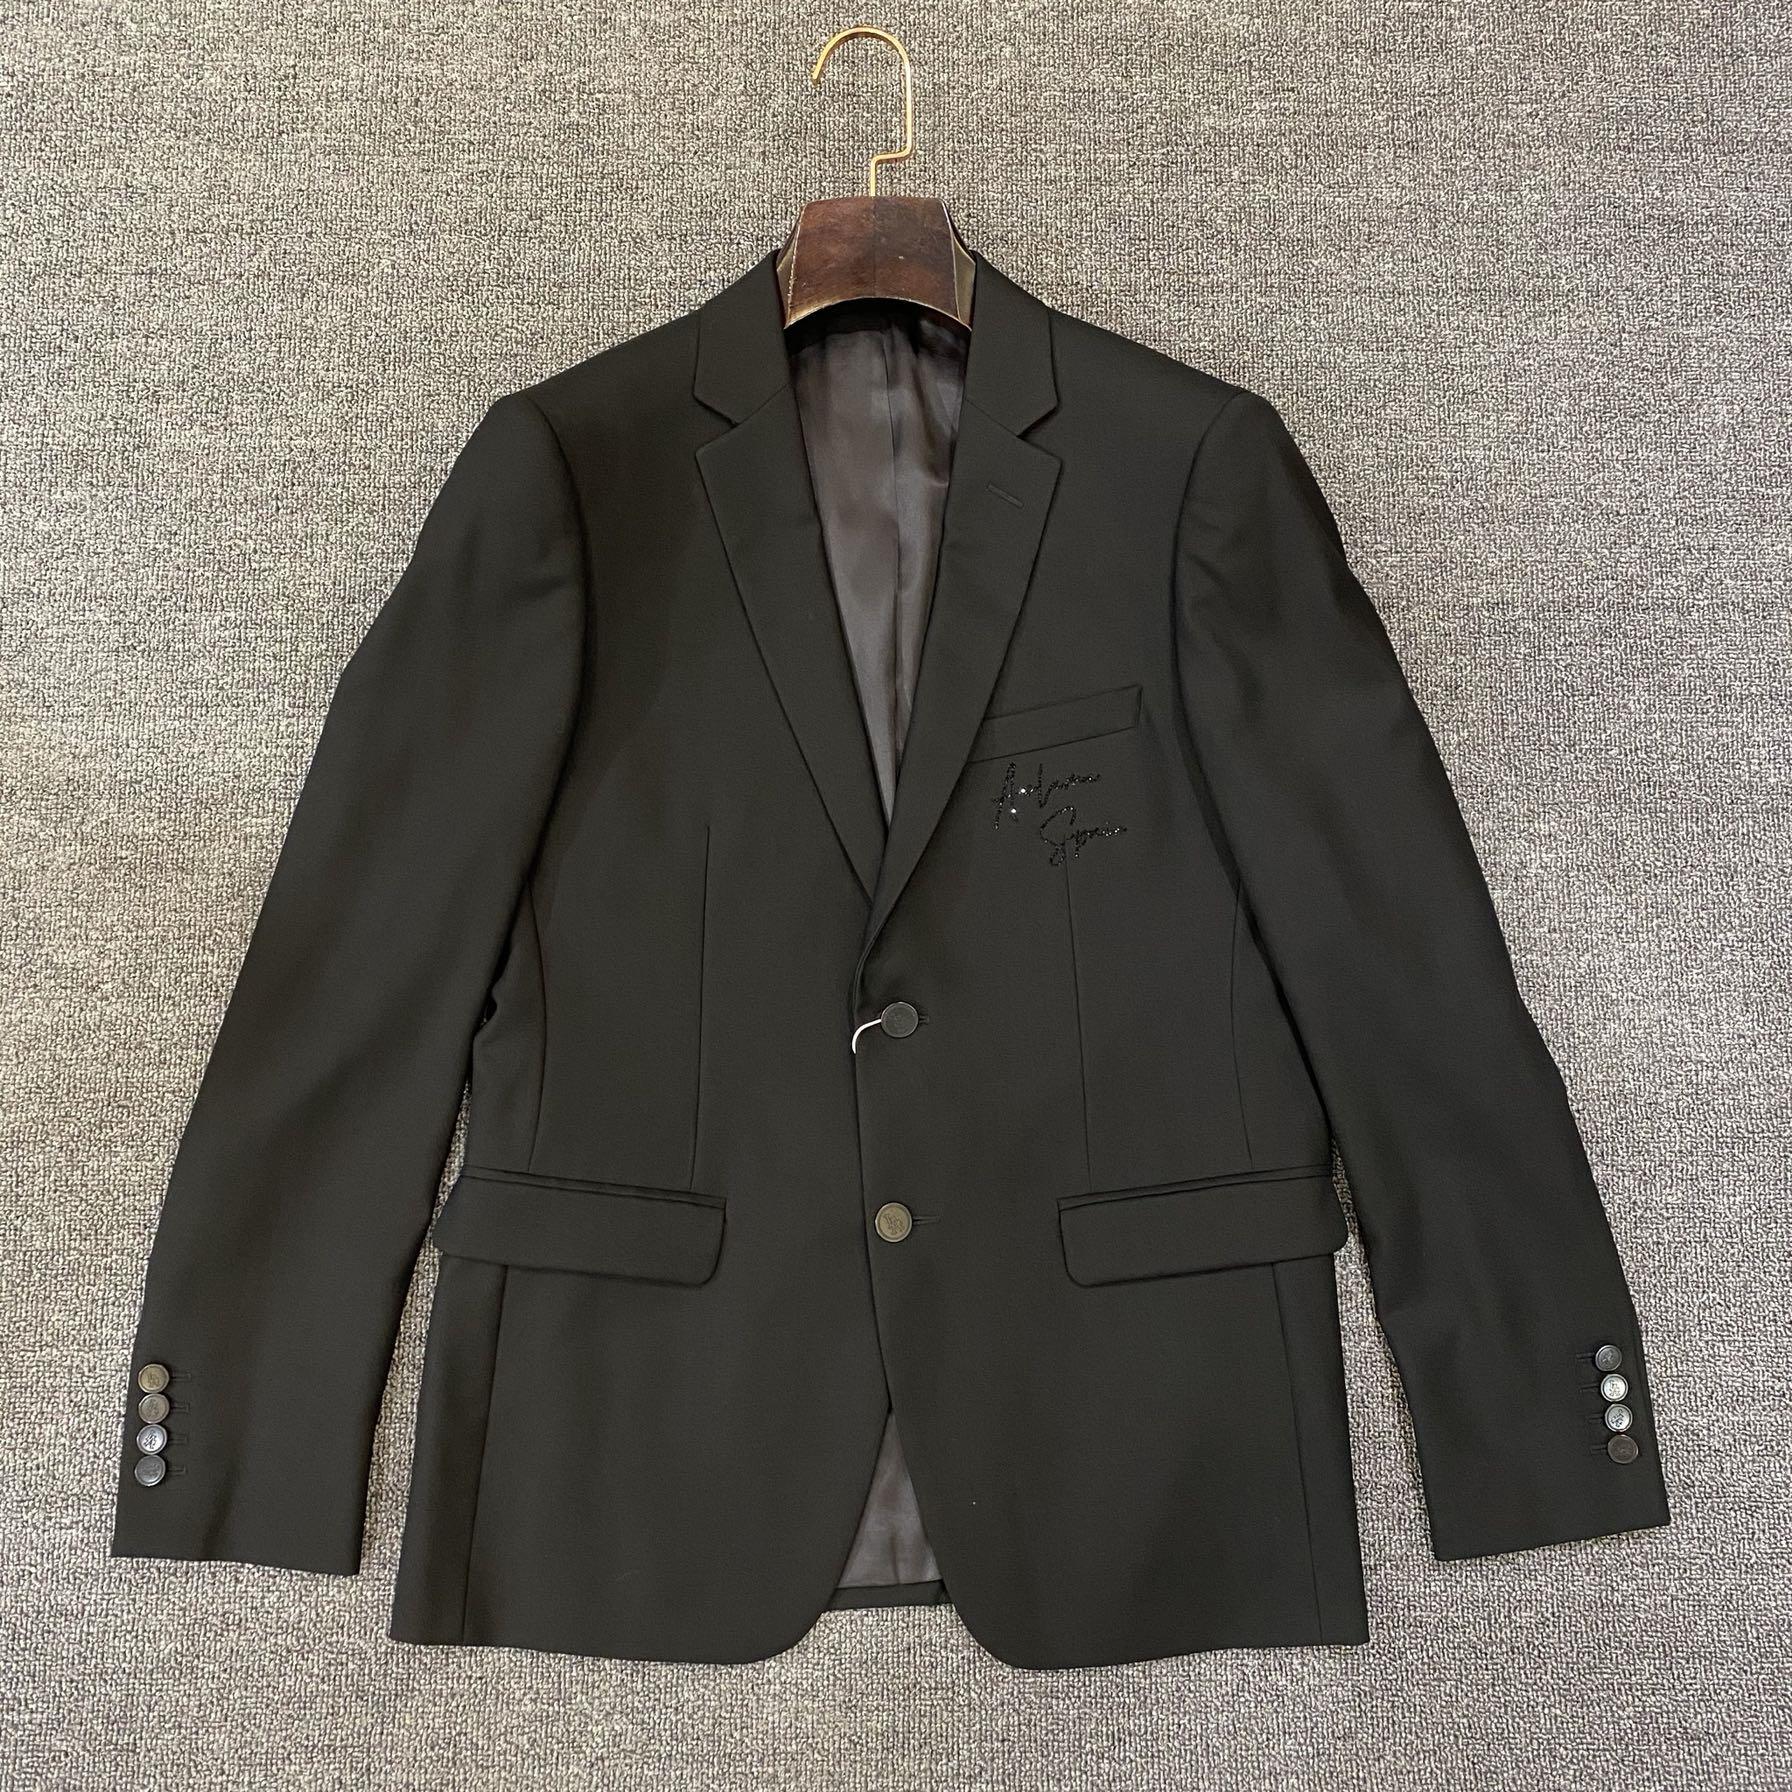 Aolama mens suit simple letter logo hot diamond fit casual suit